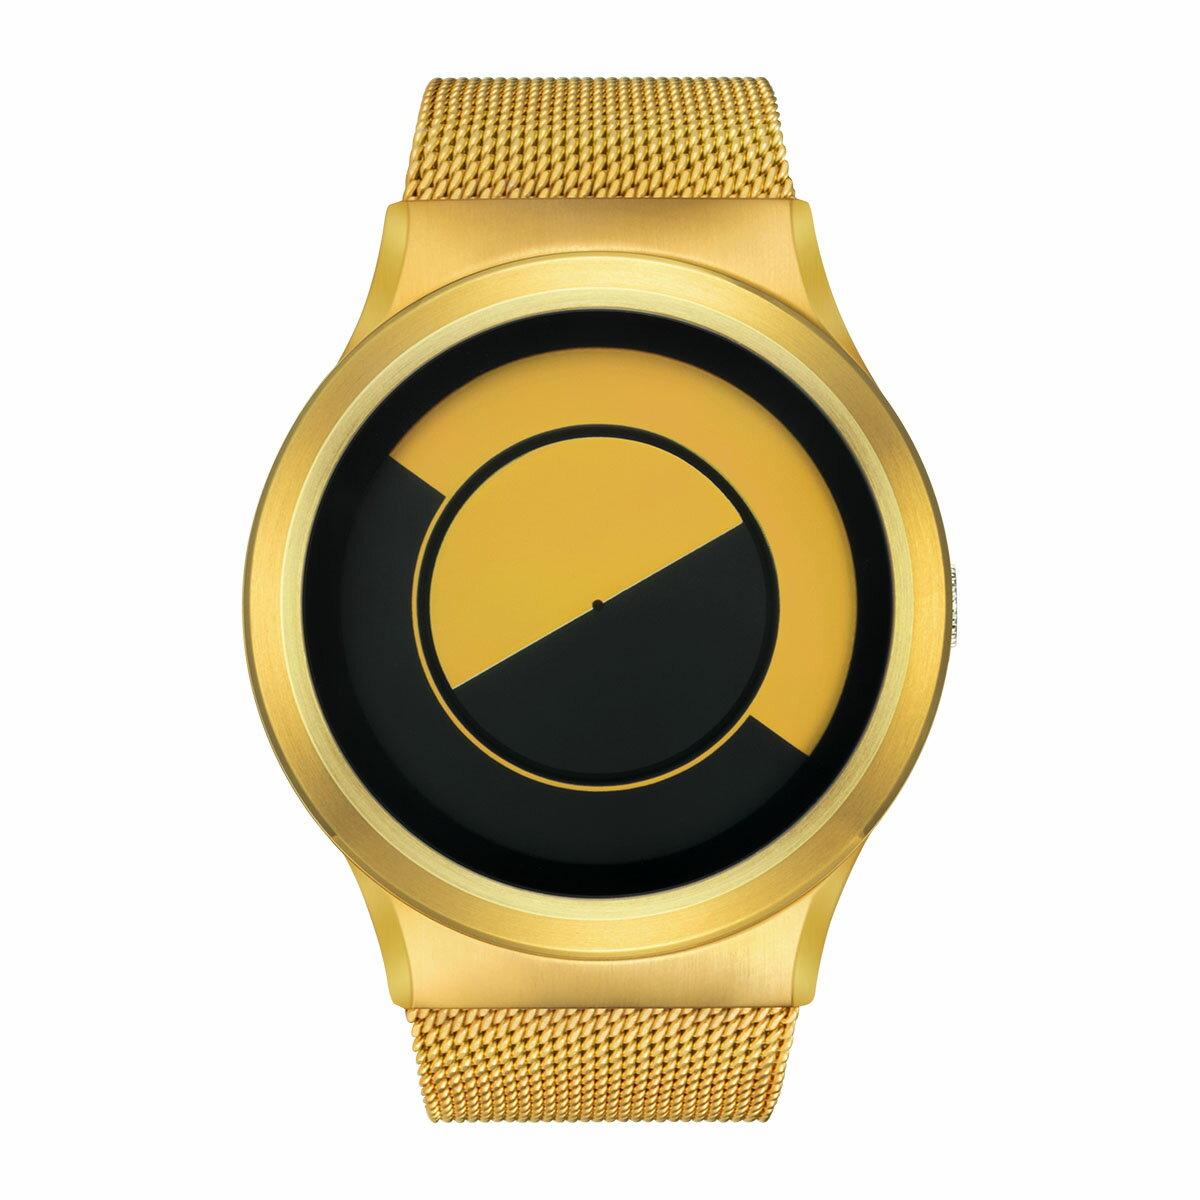 ZEROO QUARTER MOON ゼロ 電池式クォーツ 腕時計 [W08034B04SM04] イエロー デザインウォッチ ペア用 メンズ レディース ユニセックス おしゃれ時計 デザイナーズ